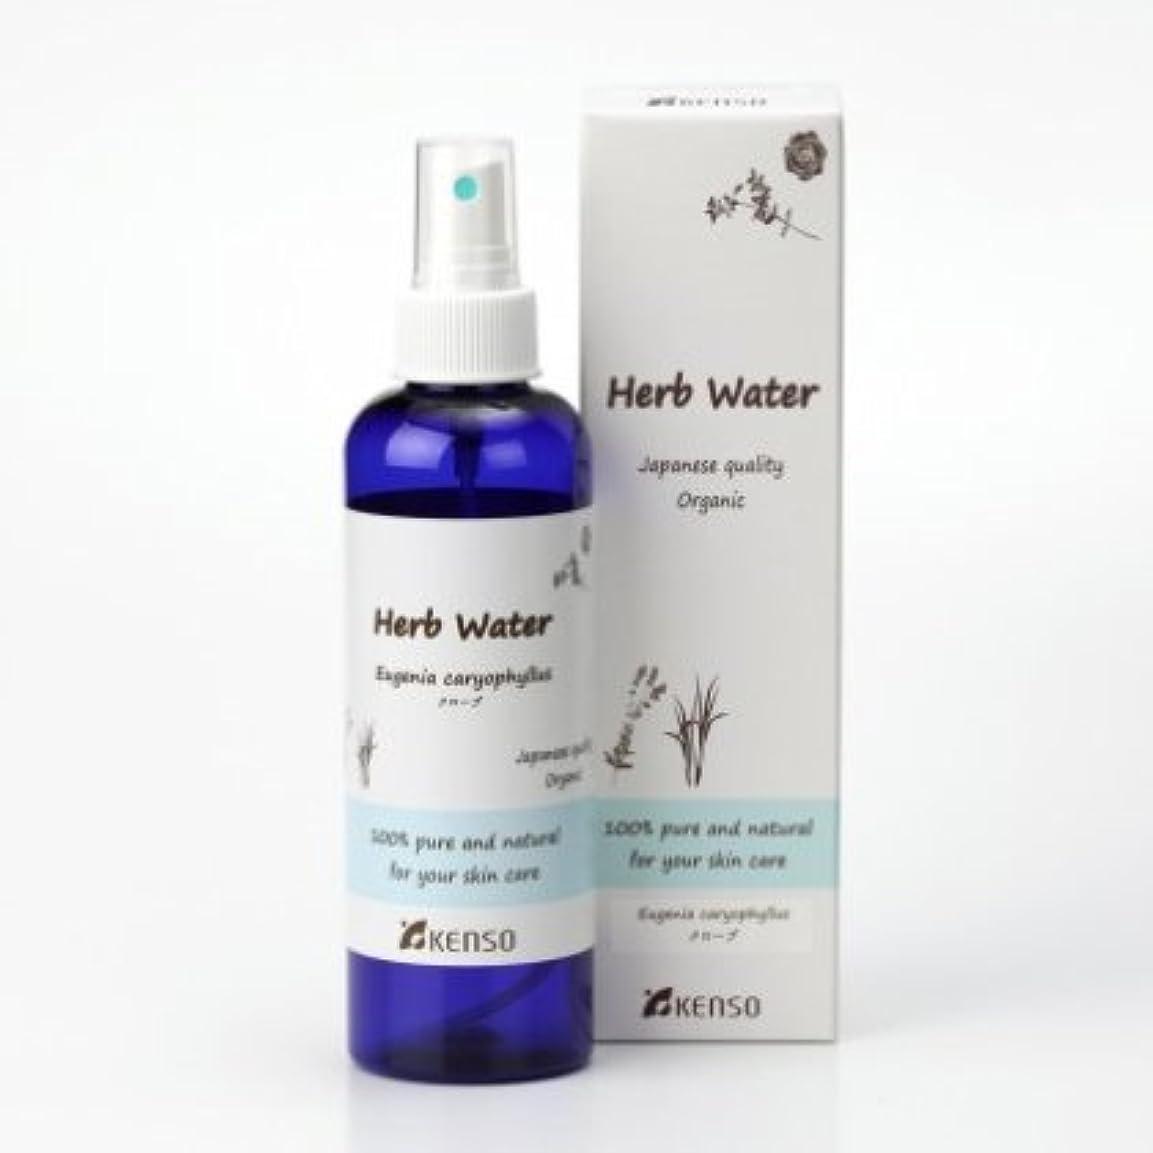 異議歯科の補充クローブ ウォーター KENSO無農薬有機栽培ハーブウォーターフローラルウォーター(芳香蒸留水)